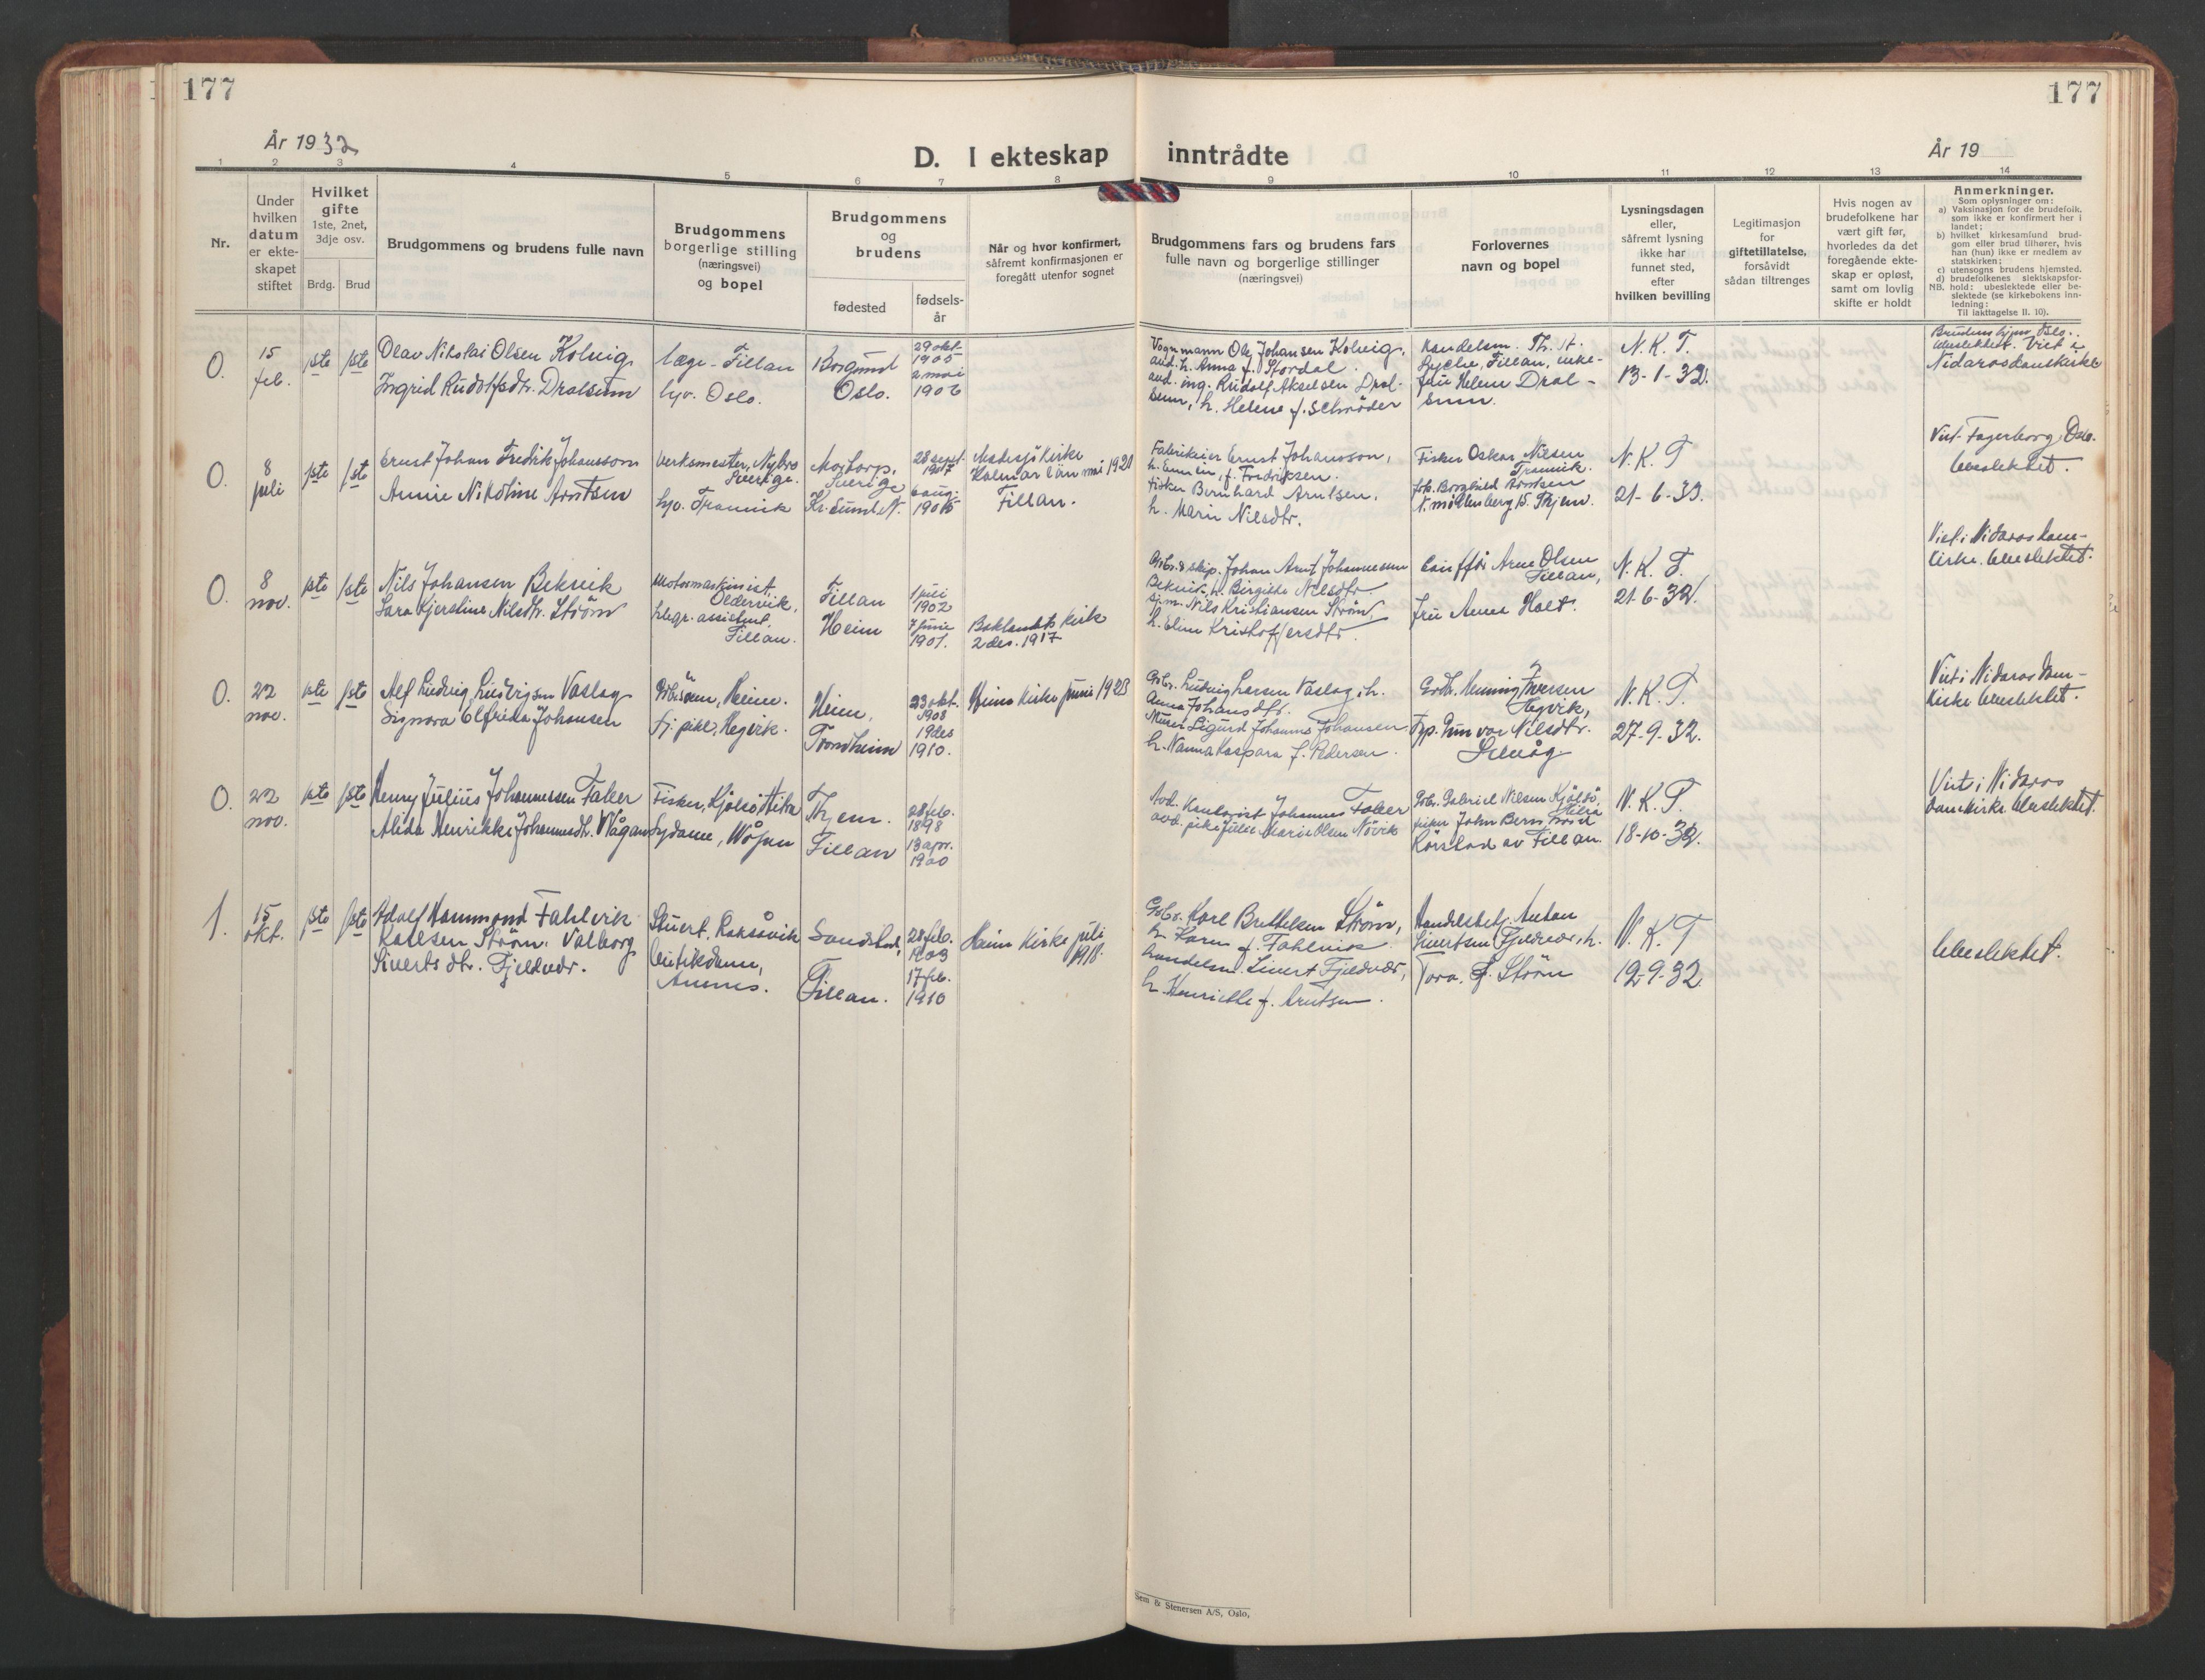 SAT, Ministerialprotokoller, klokkerbøker og fødselsregistre - Sør-Trøndelag, 637/L0564: Klokkerbok nr. 637C05, 1928-1968, s. 177